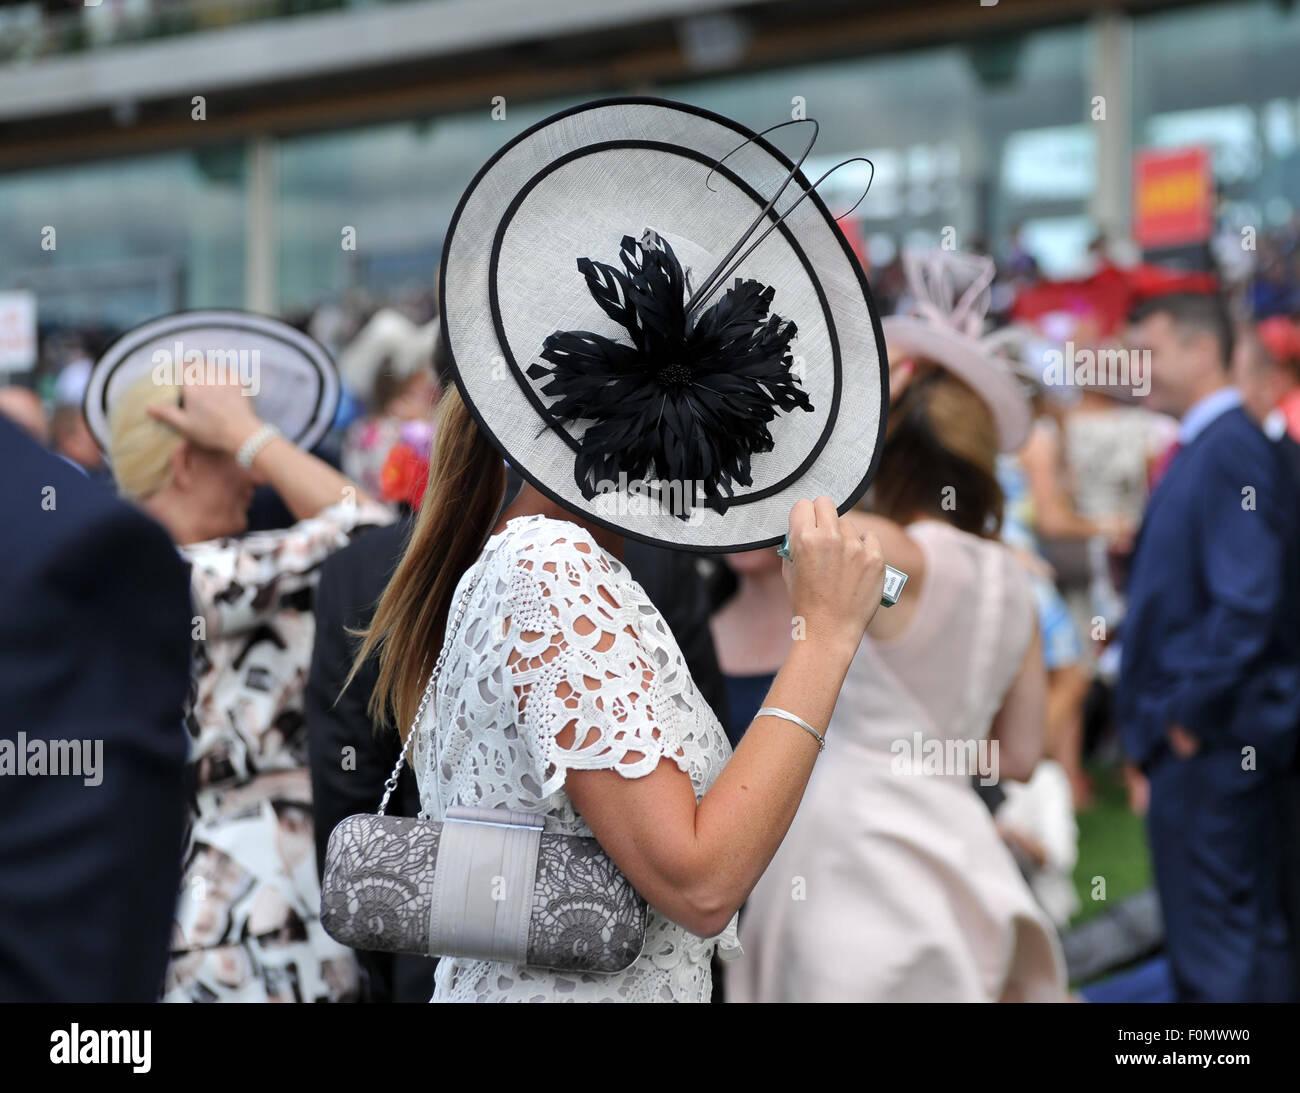 Royal Ascot 2015 tenutasi a Ascot Racecourse - Giorno 2 dove: Ascot, Regno Unito quando: 16 Giu 2015 Immagini Stock